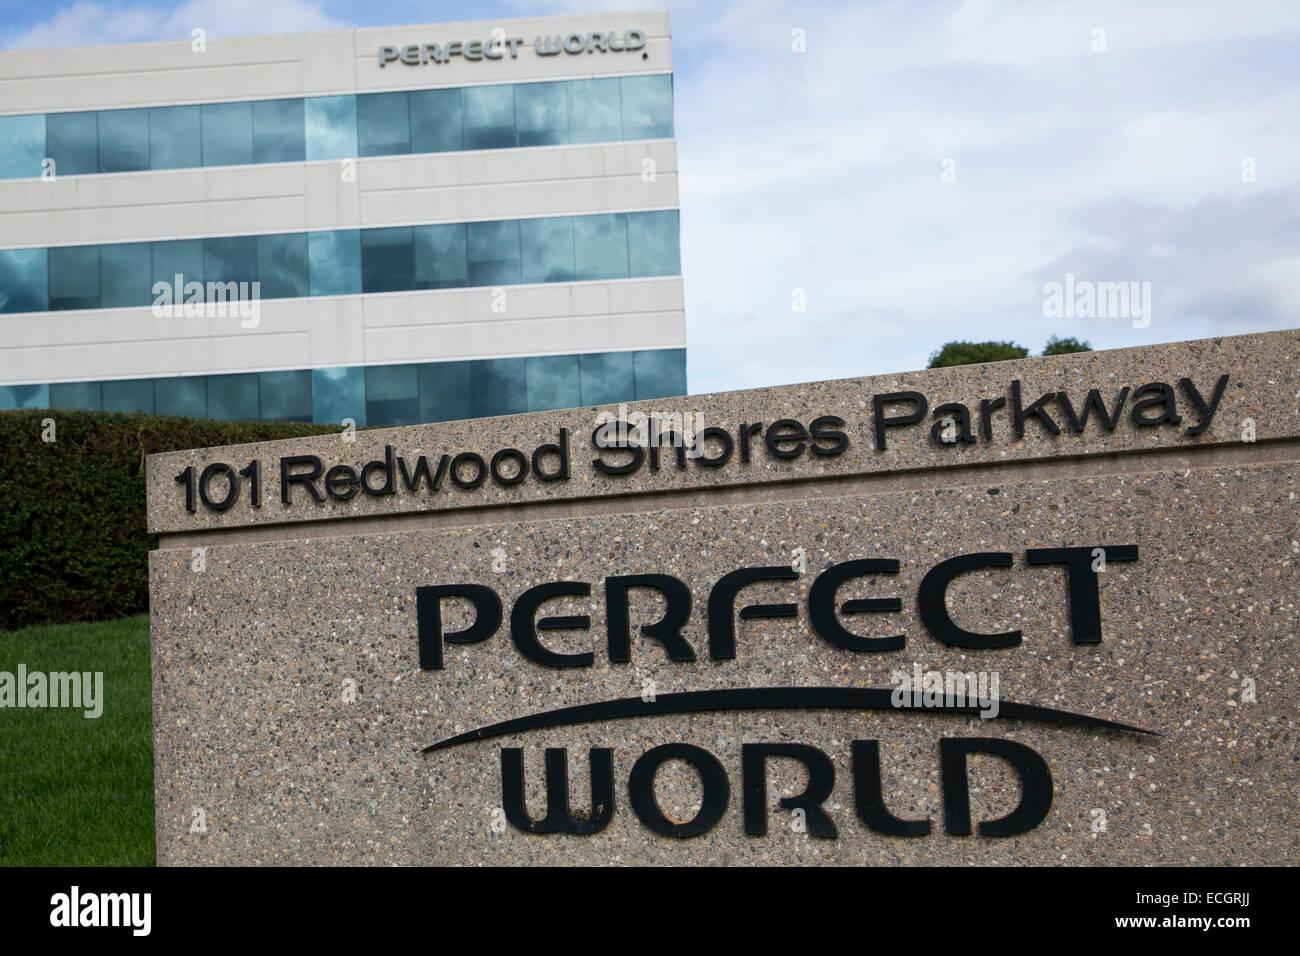 Un immeuble de bureaux occupé par MMO bouilloire monde parfait. Photo Stock